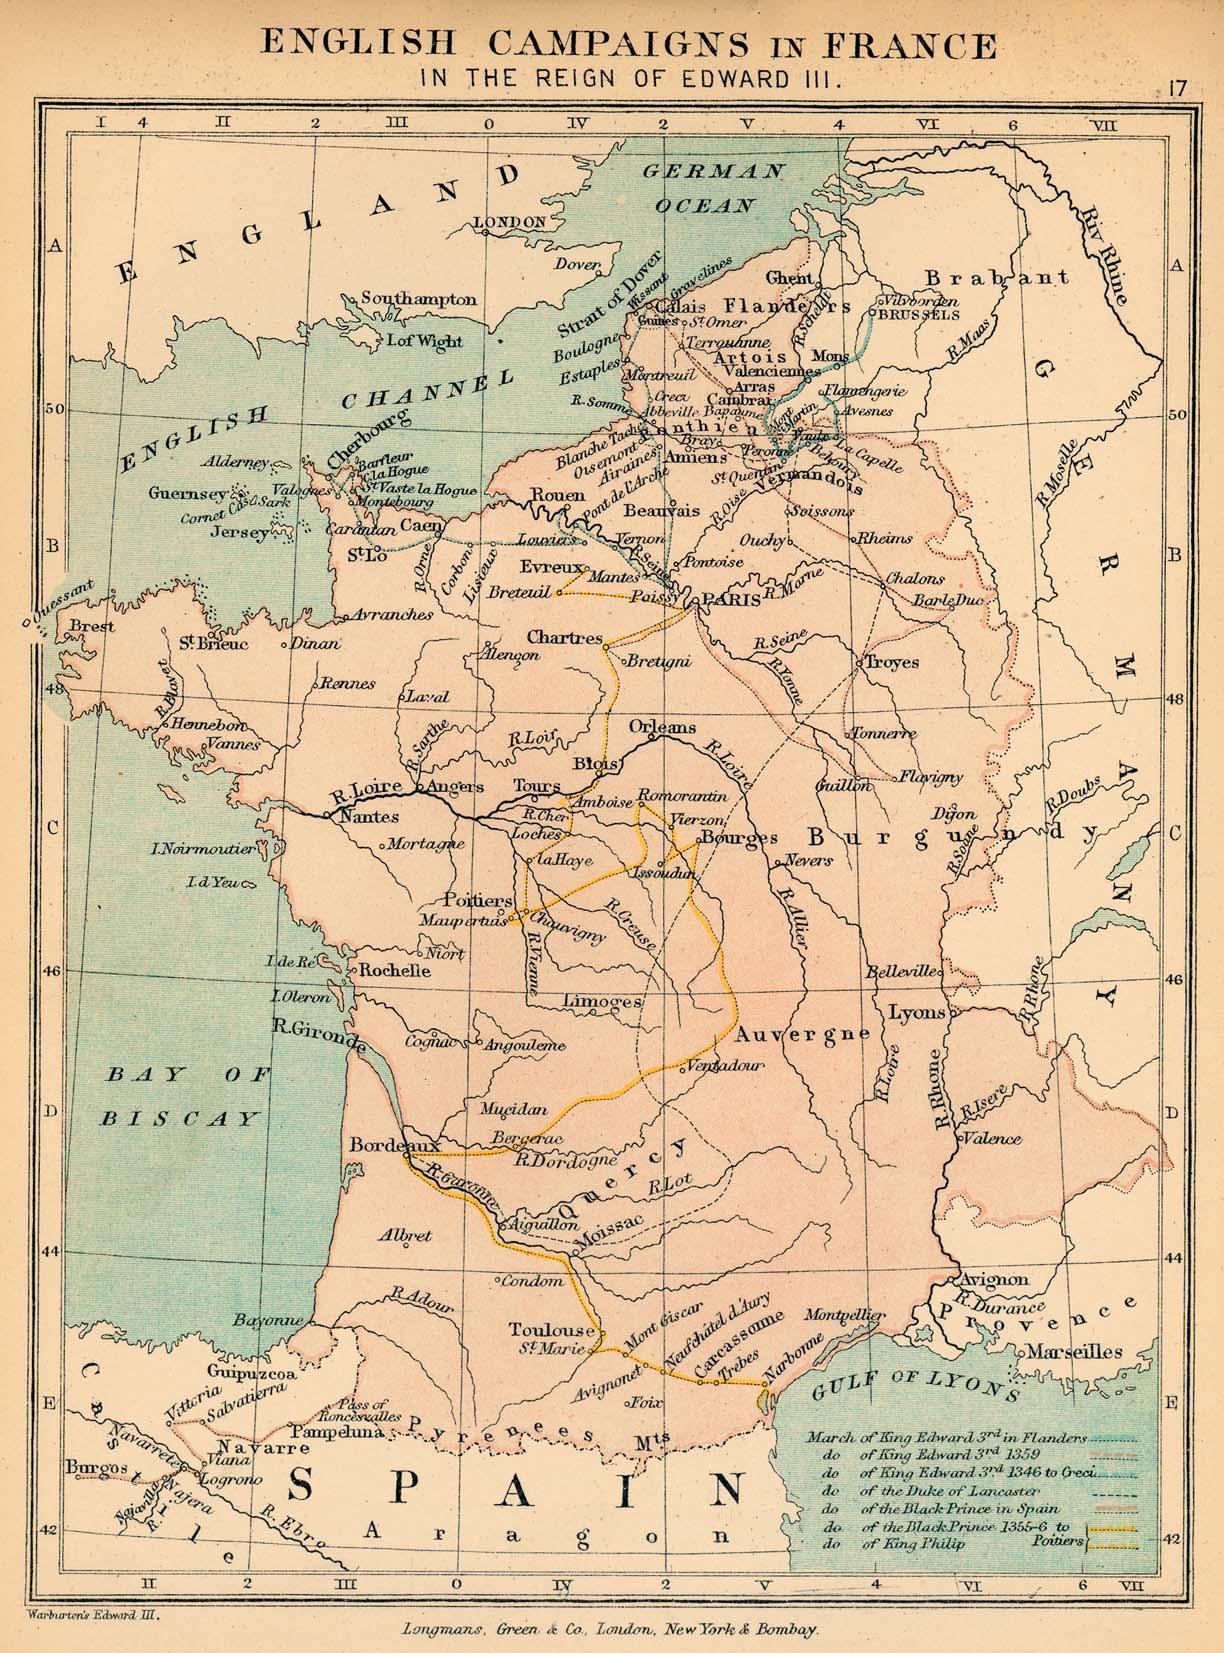 Mapa de las Campañas Inglesas en Francia en el Reino de Eduardo III